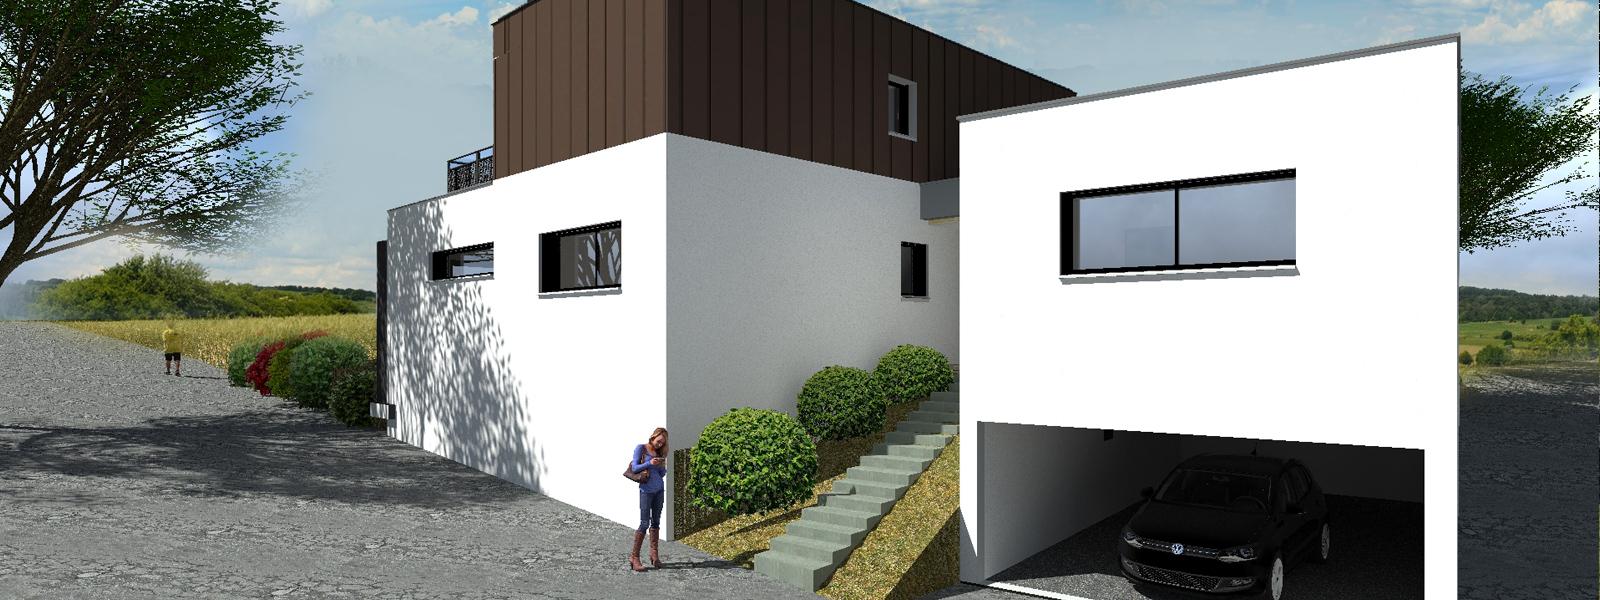 Idéal habitat Rennes Noyal Vern sur seiche